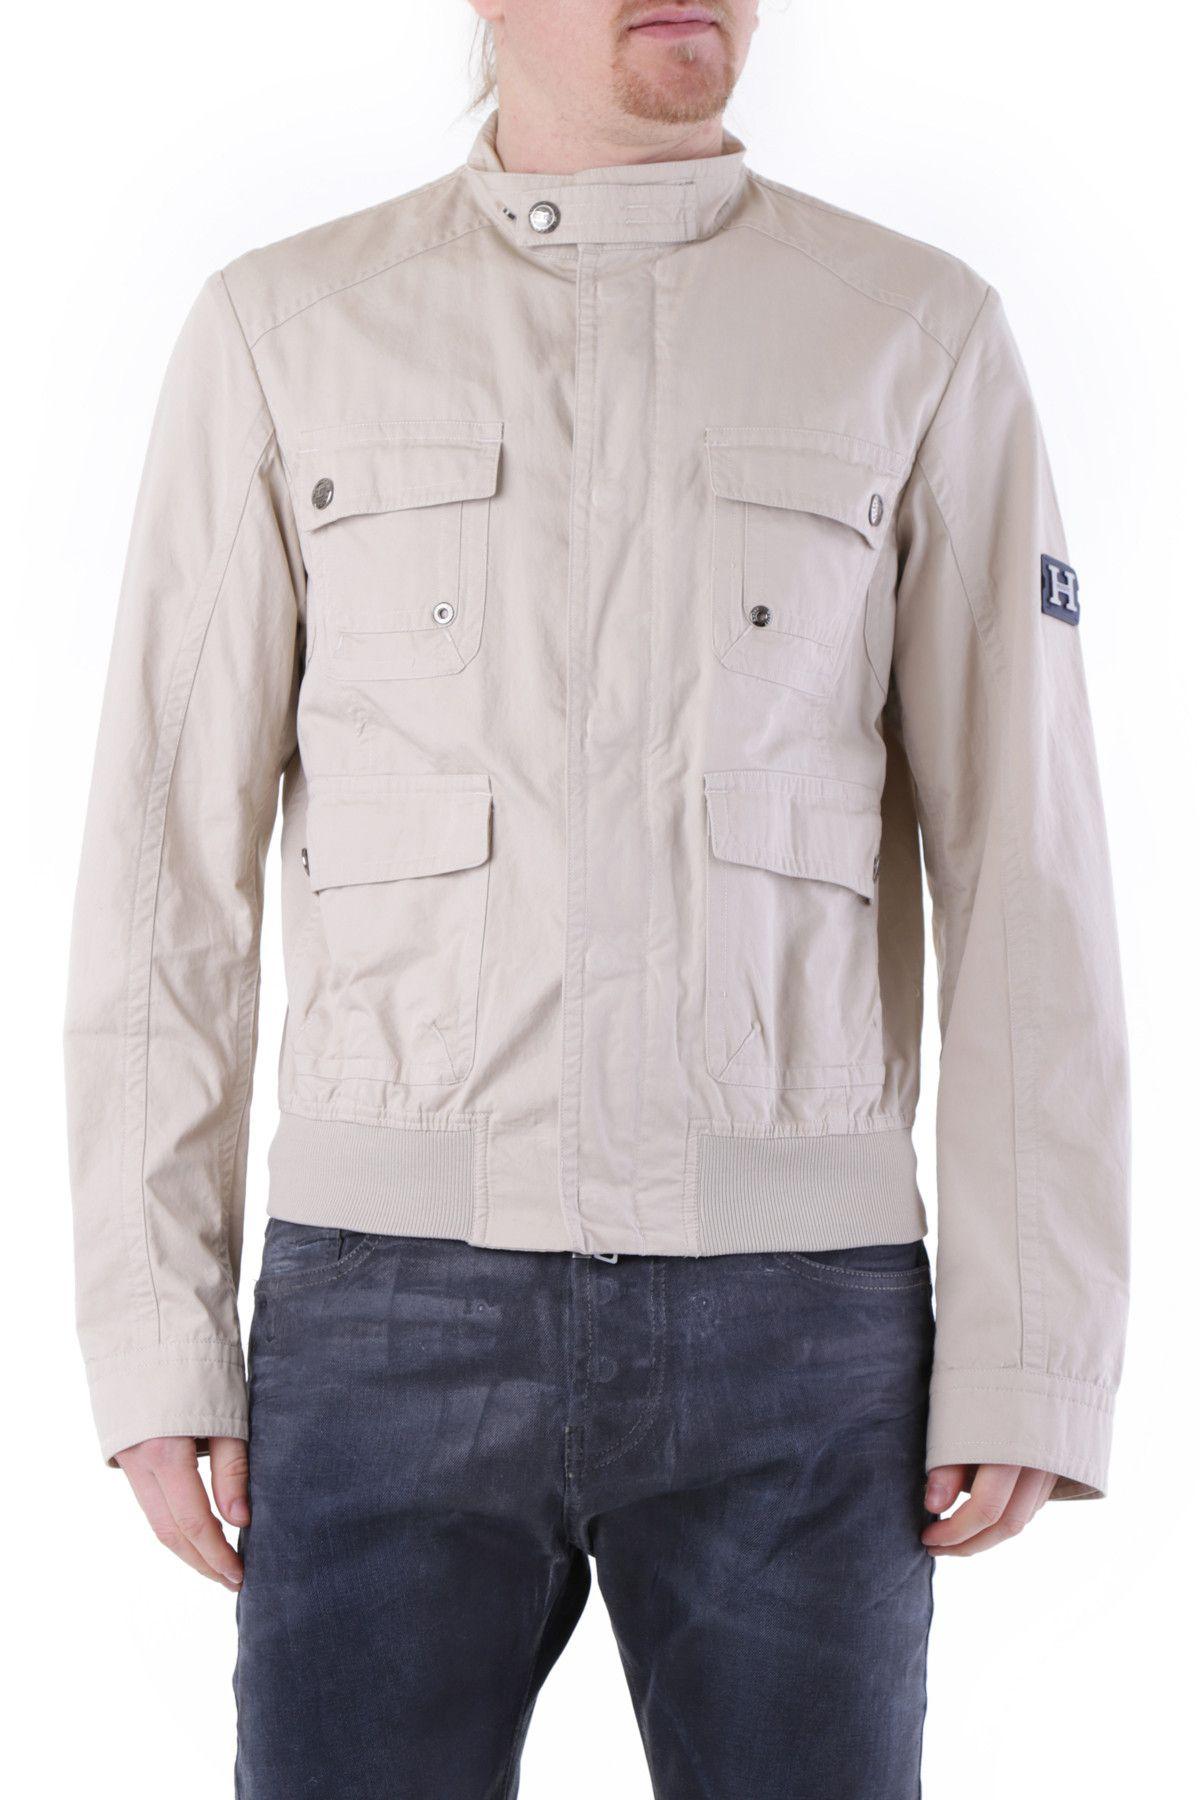 Husky Men's Jacket In Beige